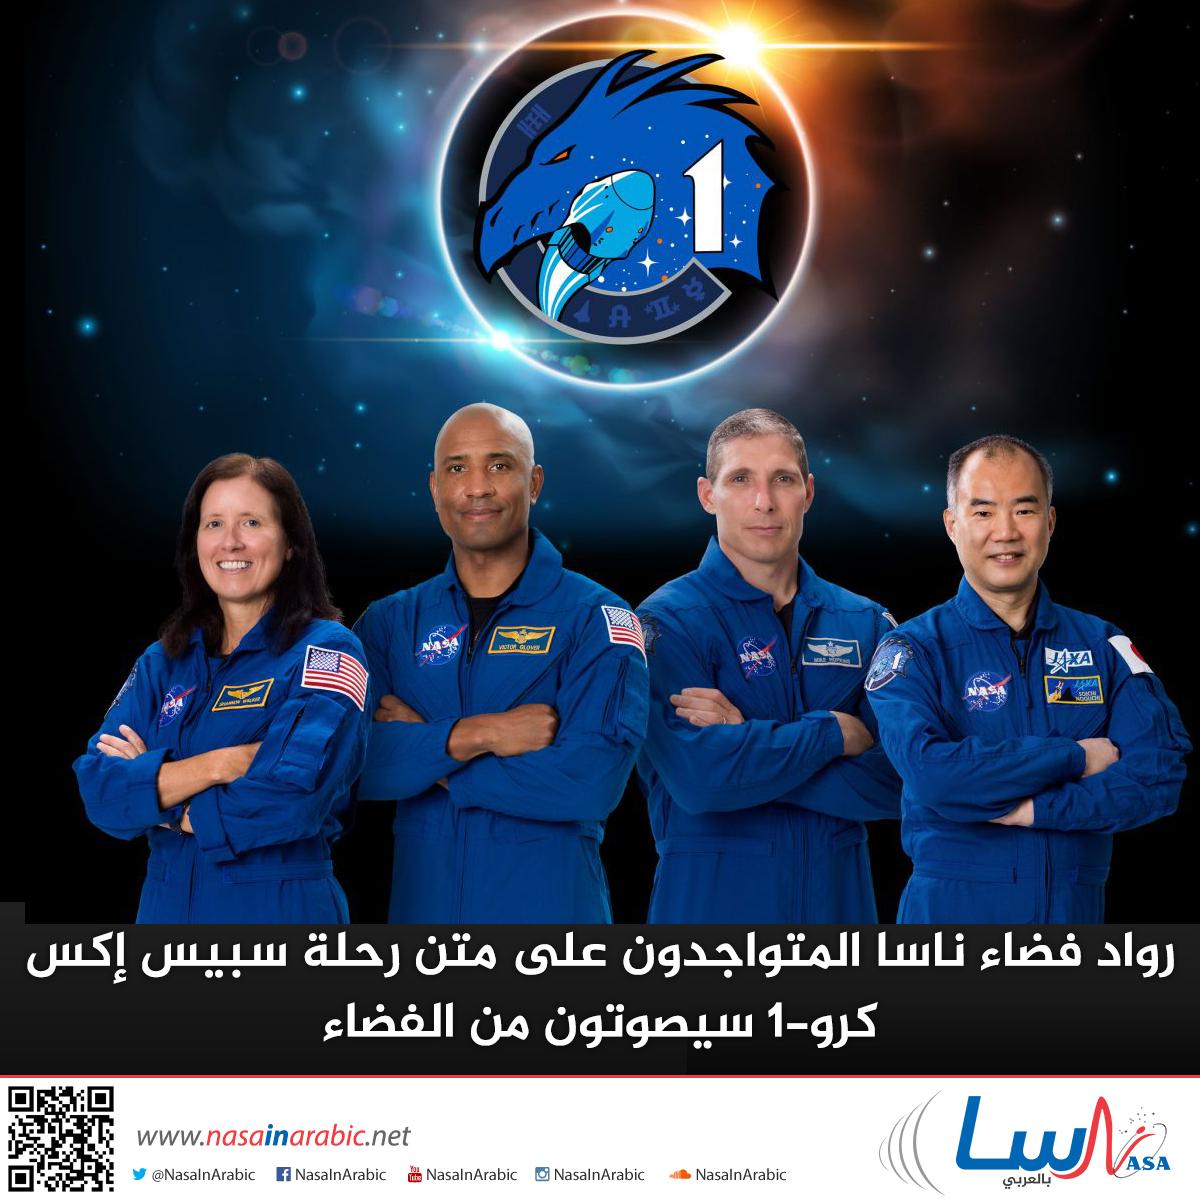 رواد فضاء ناسا المتواجدون على متن رحلة سبيس إكس كرو-1 سيصوتون من الفضاء